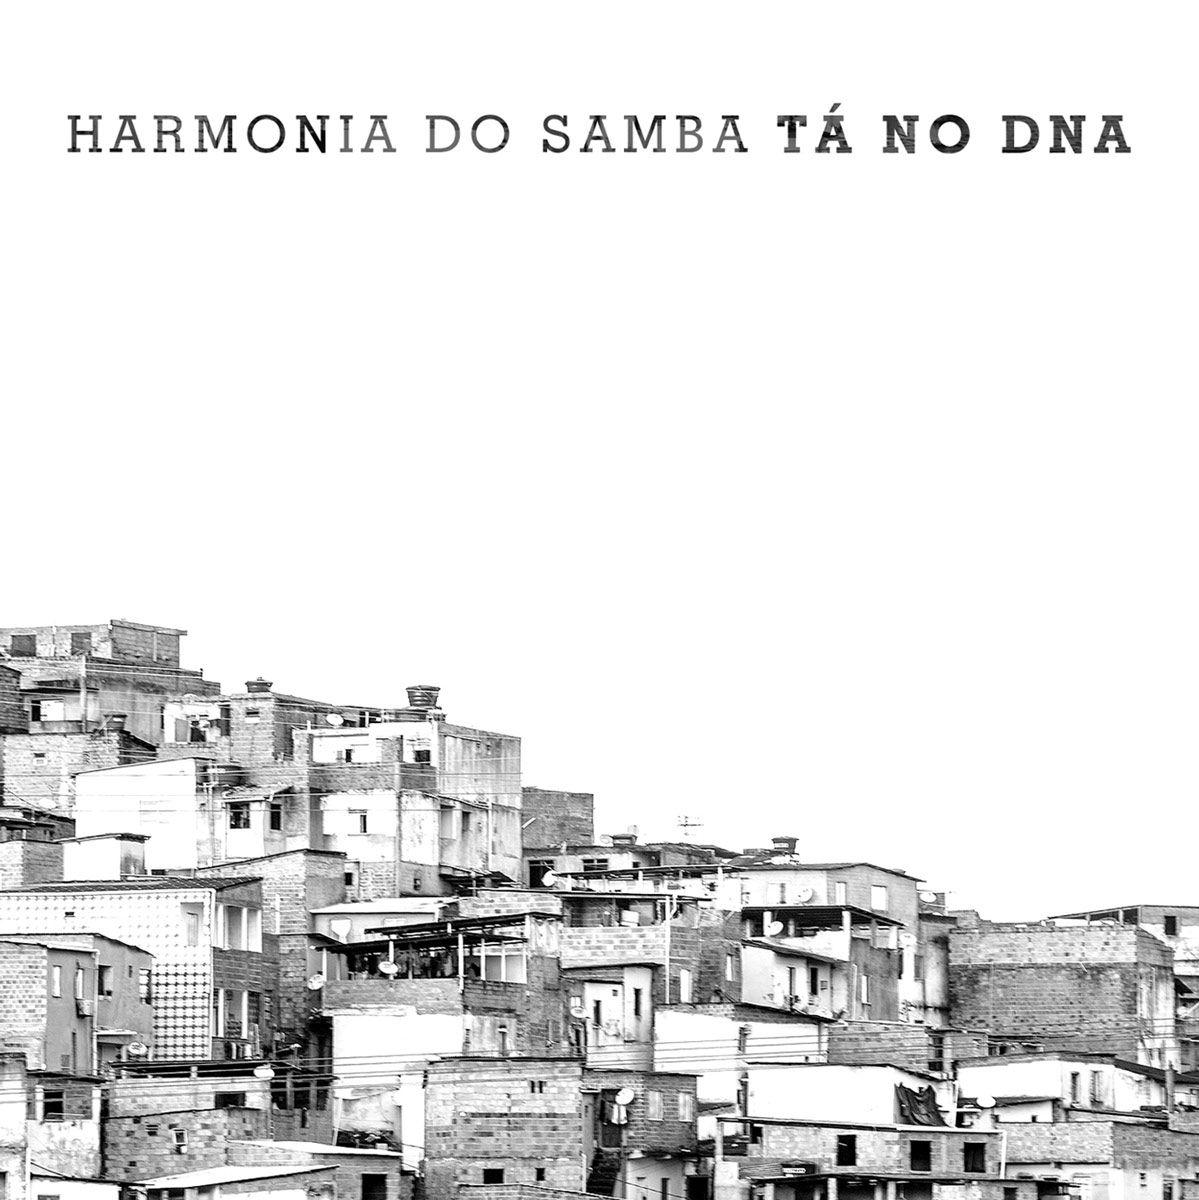 DO DO SAMBA CD HARMONIA RODO BAIXAR O